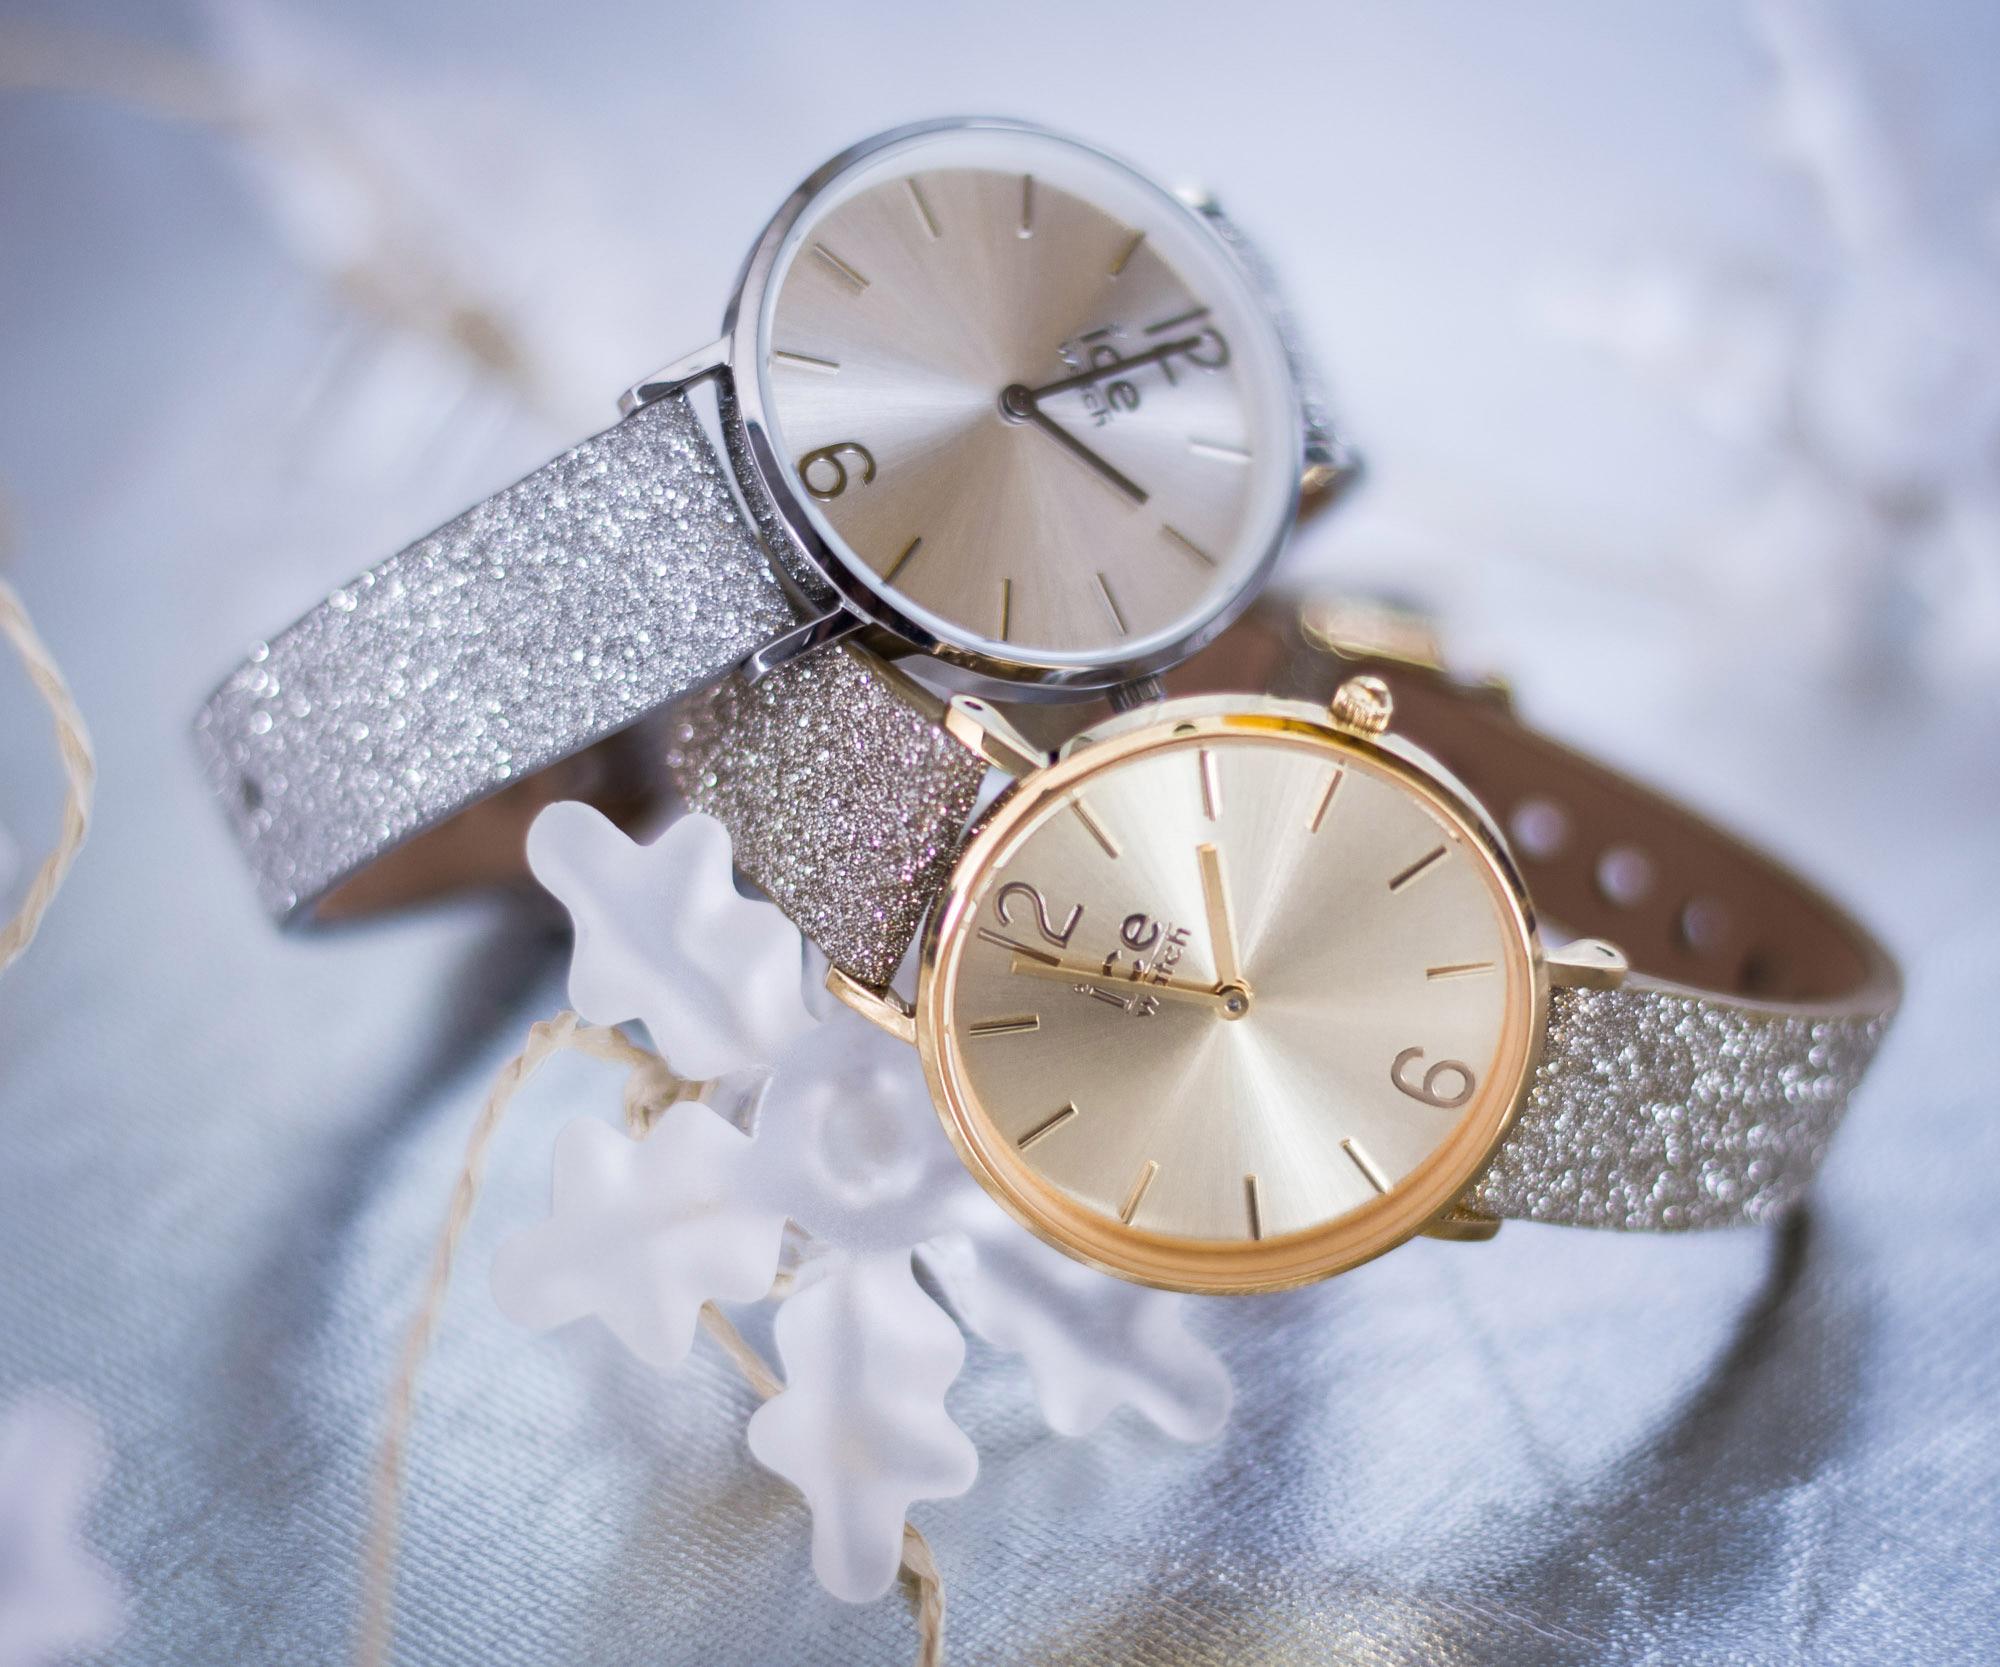 zegarki Ice Watch 015087 i 015086